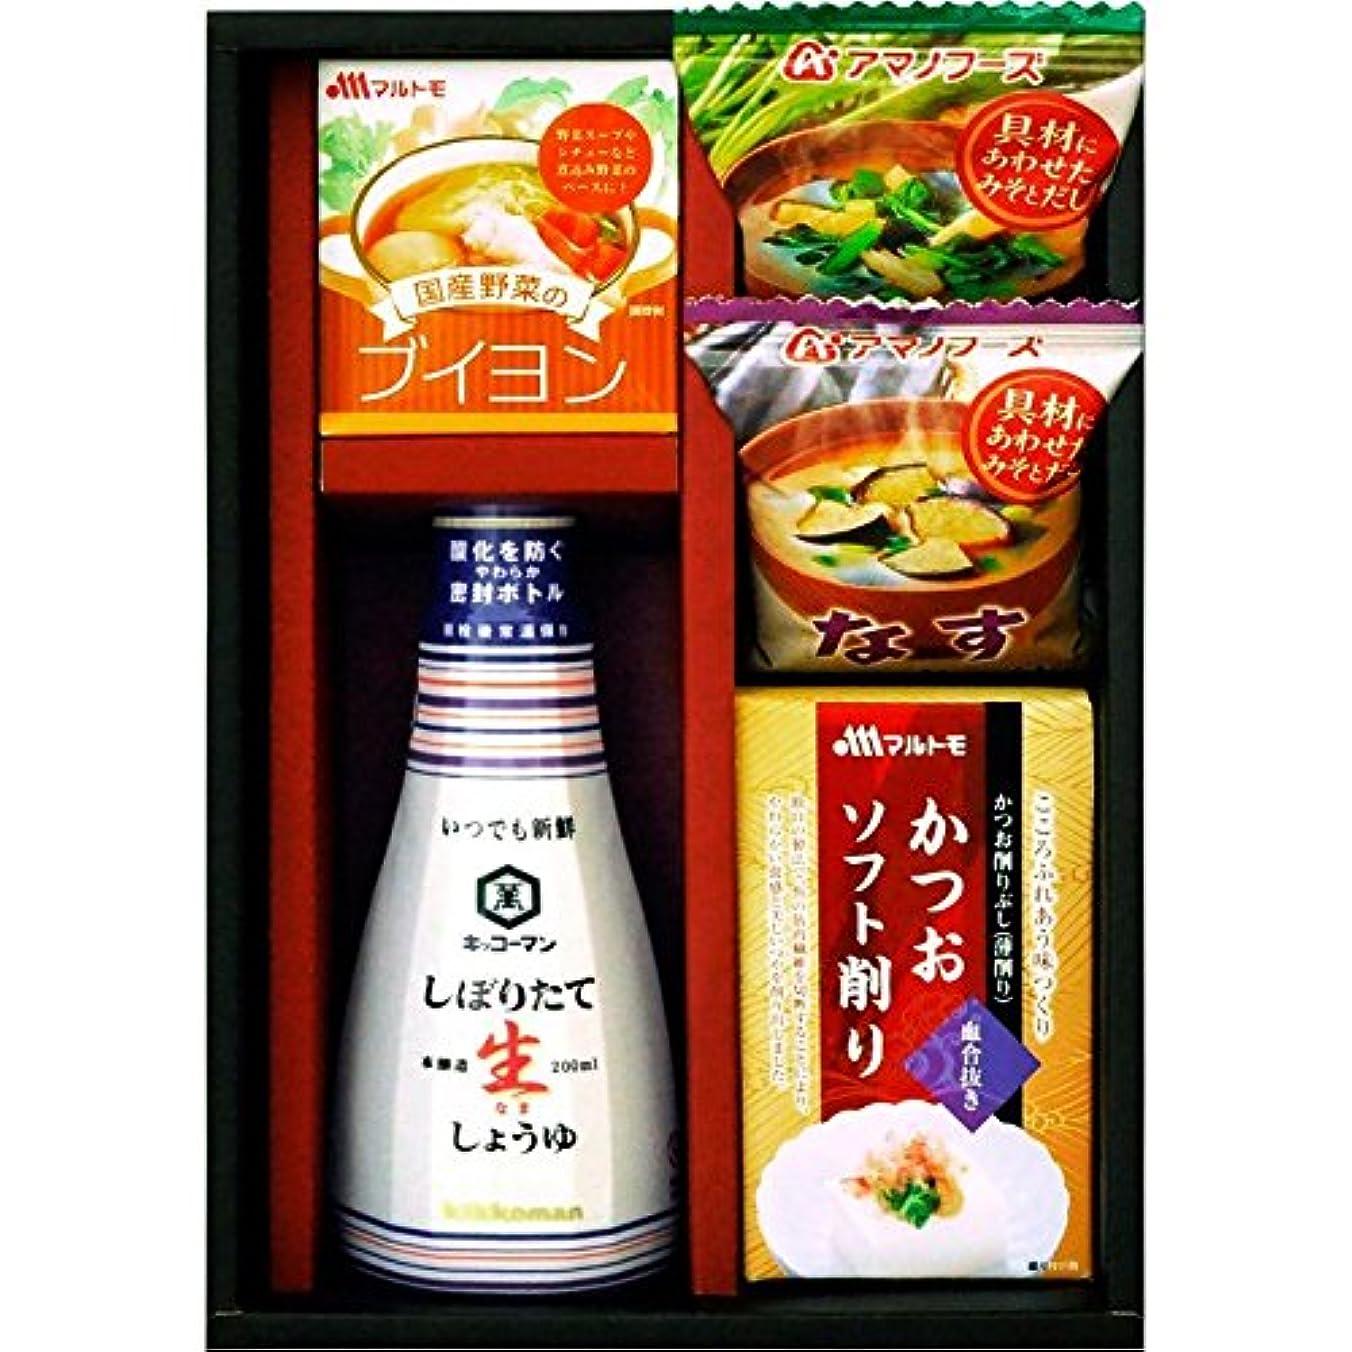 キリン日光キッコーマン&アマノフーズ食品アソート B192-01